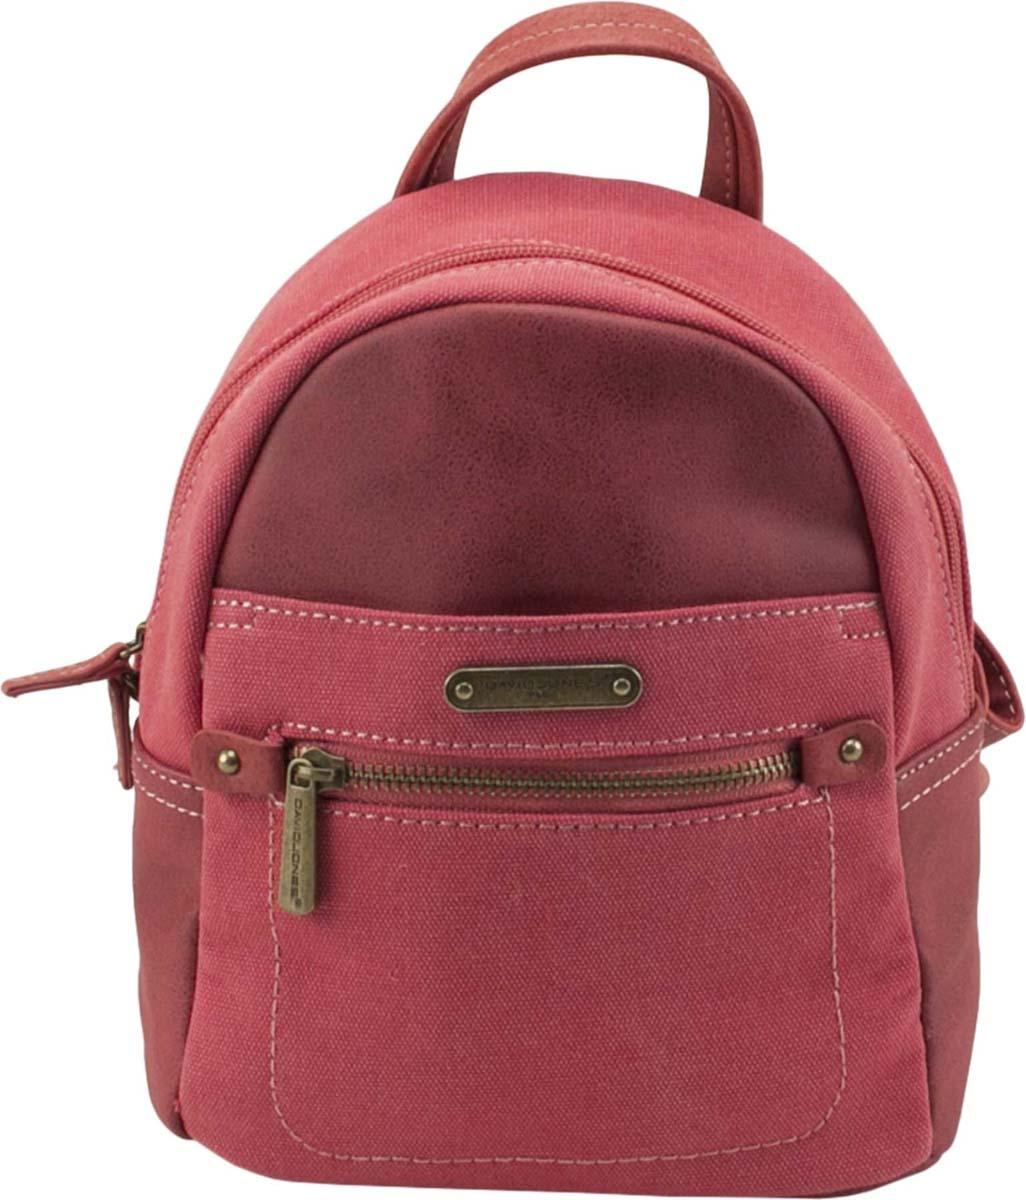 Рюкзак женский David Jones, цвет: красный. 5761-3 ROSE/RED